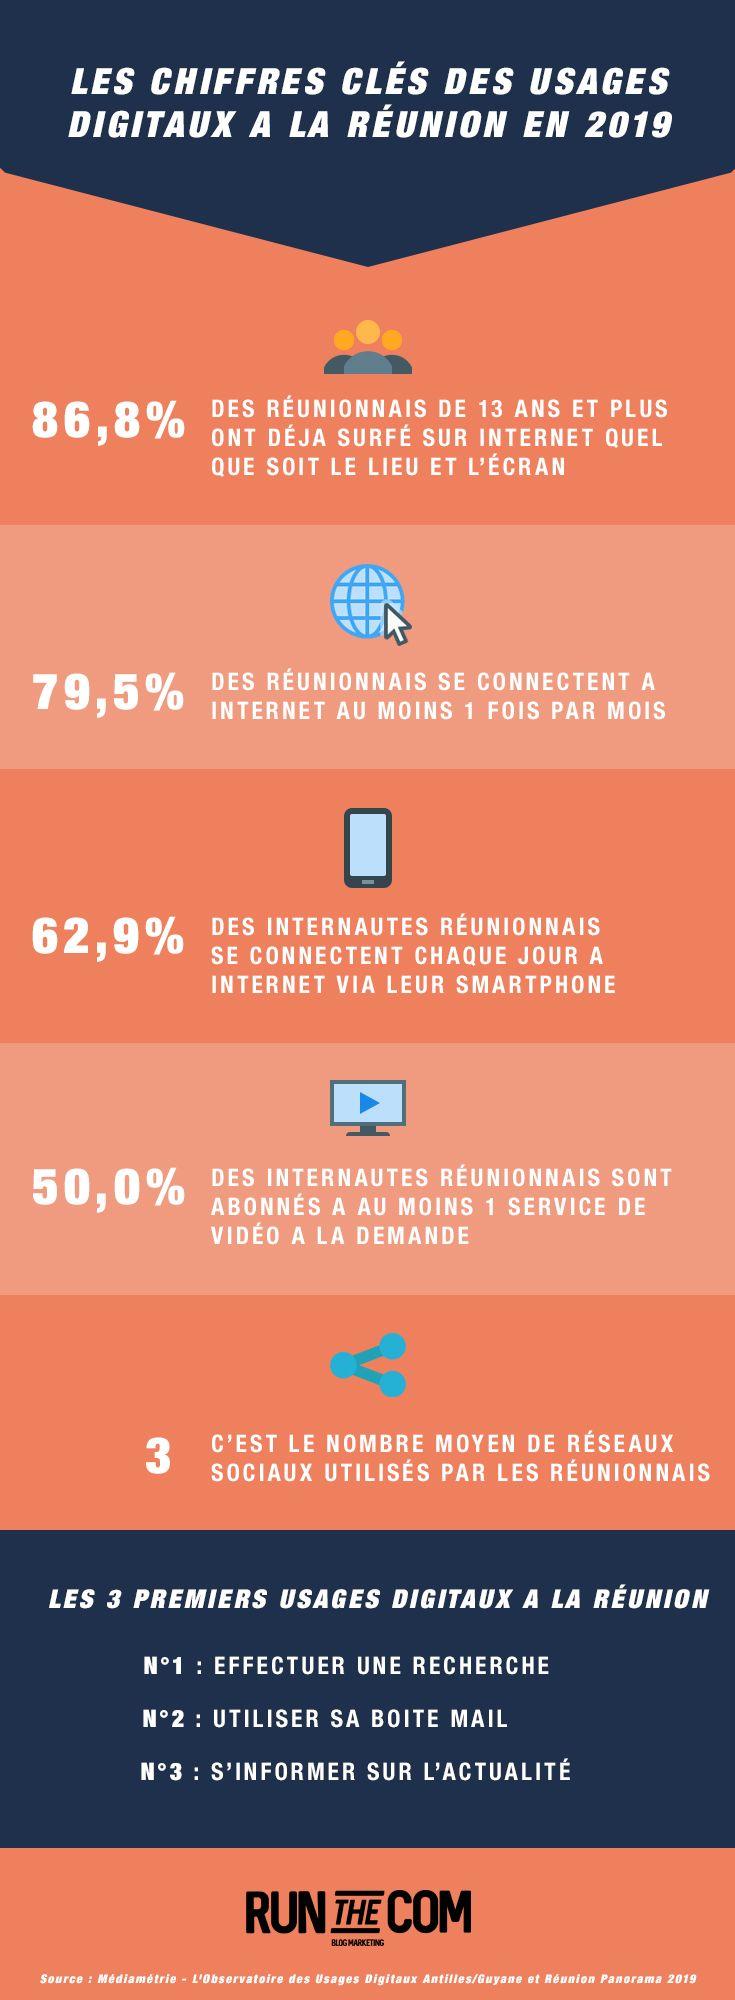 Infographie : Les chiffres clés des usages digitaux à La Réunion en 2019 - Création : Antoine Chadufau, créateur du blog marketing Run The Com